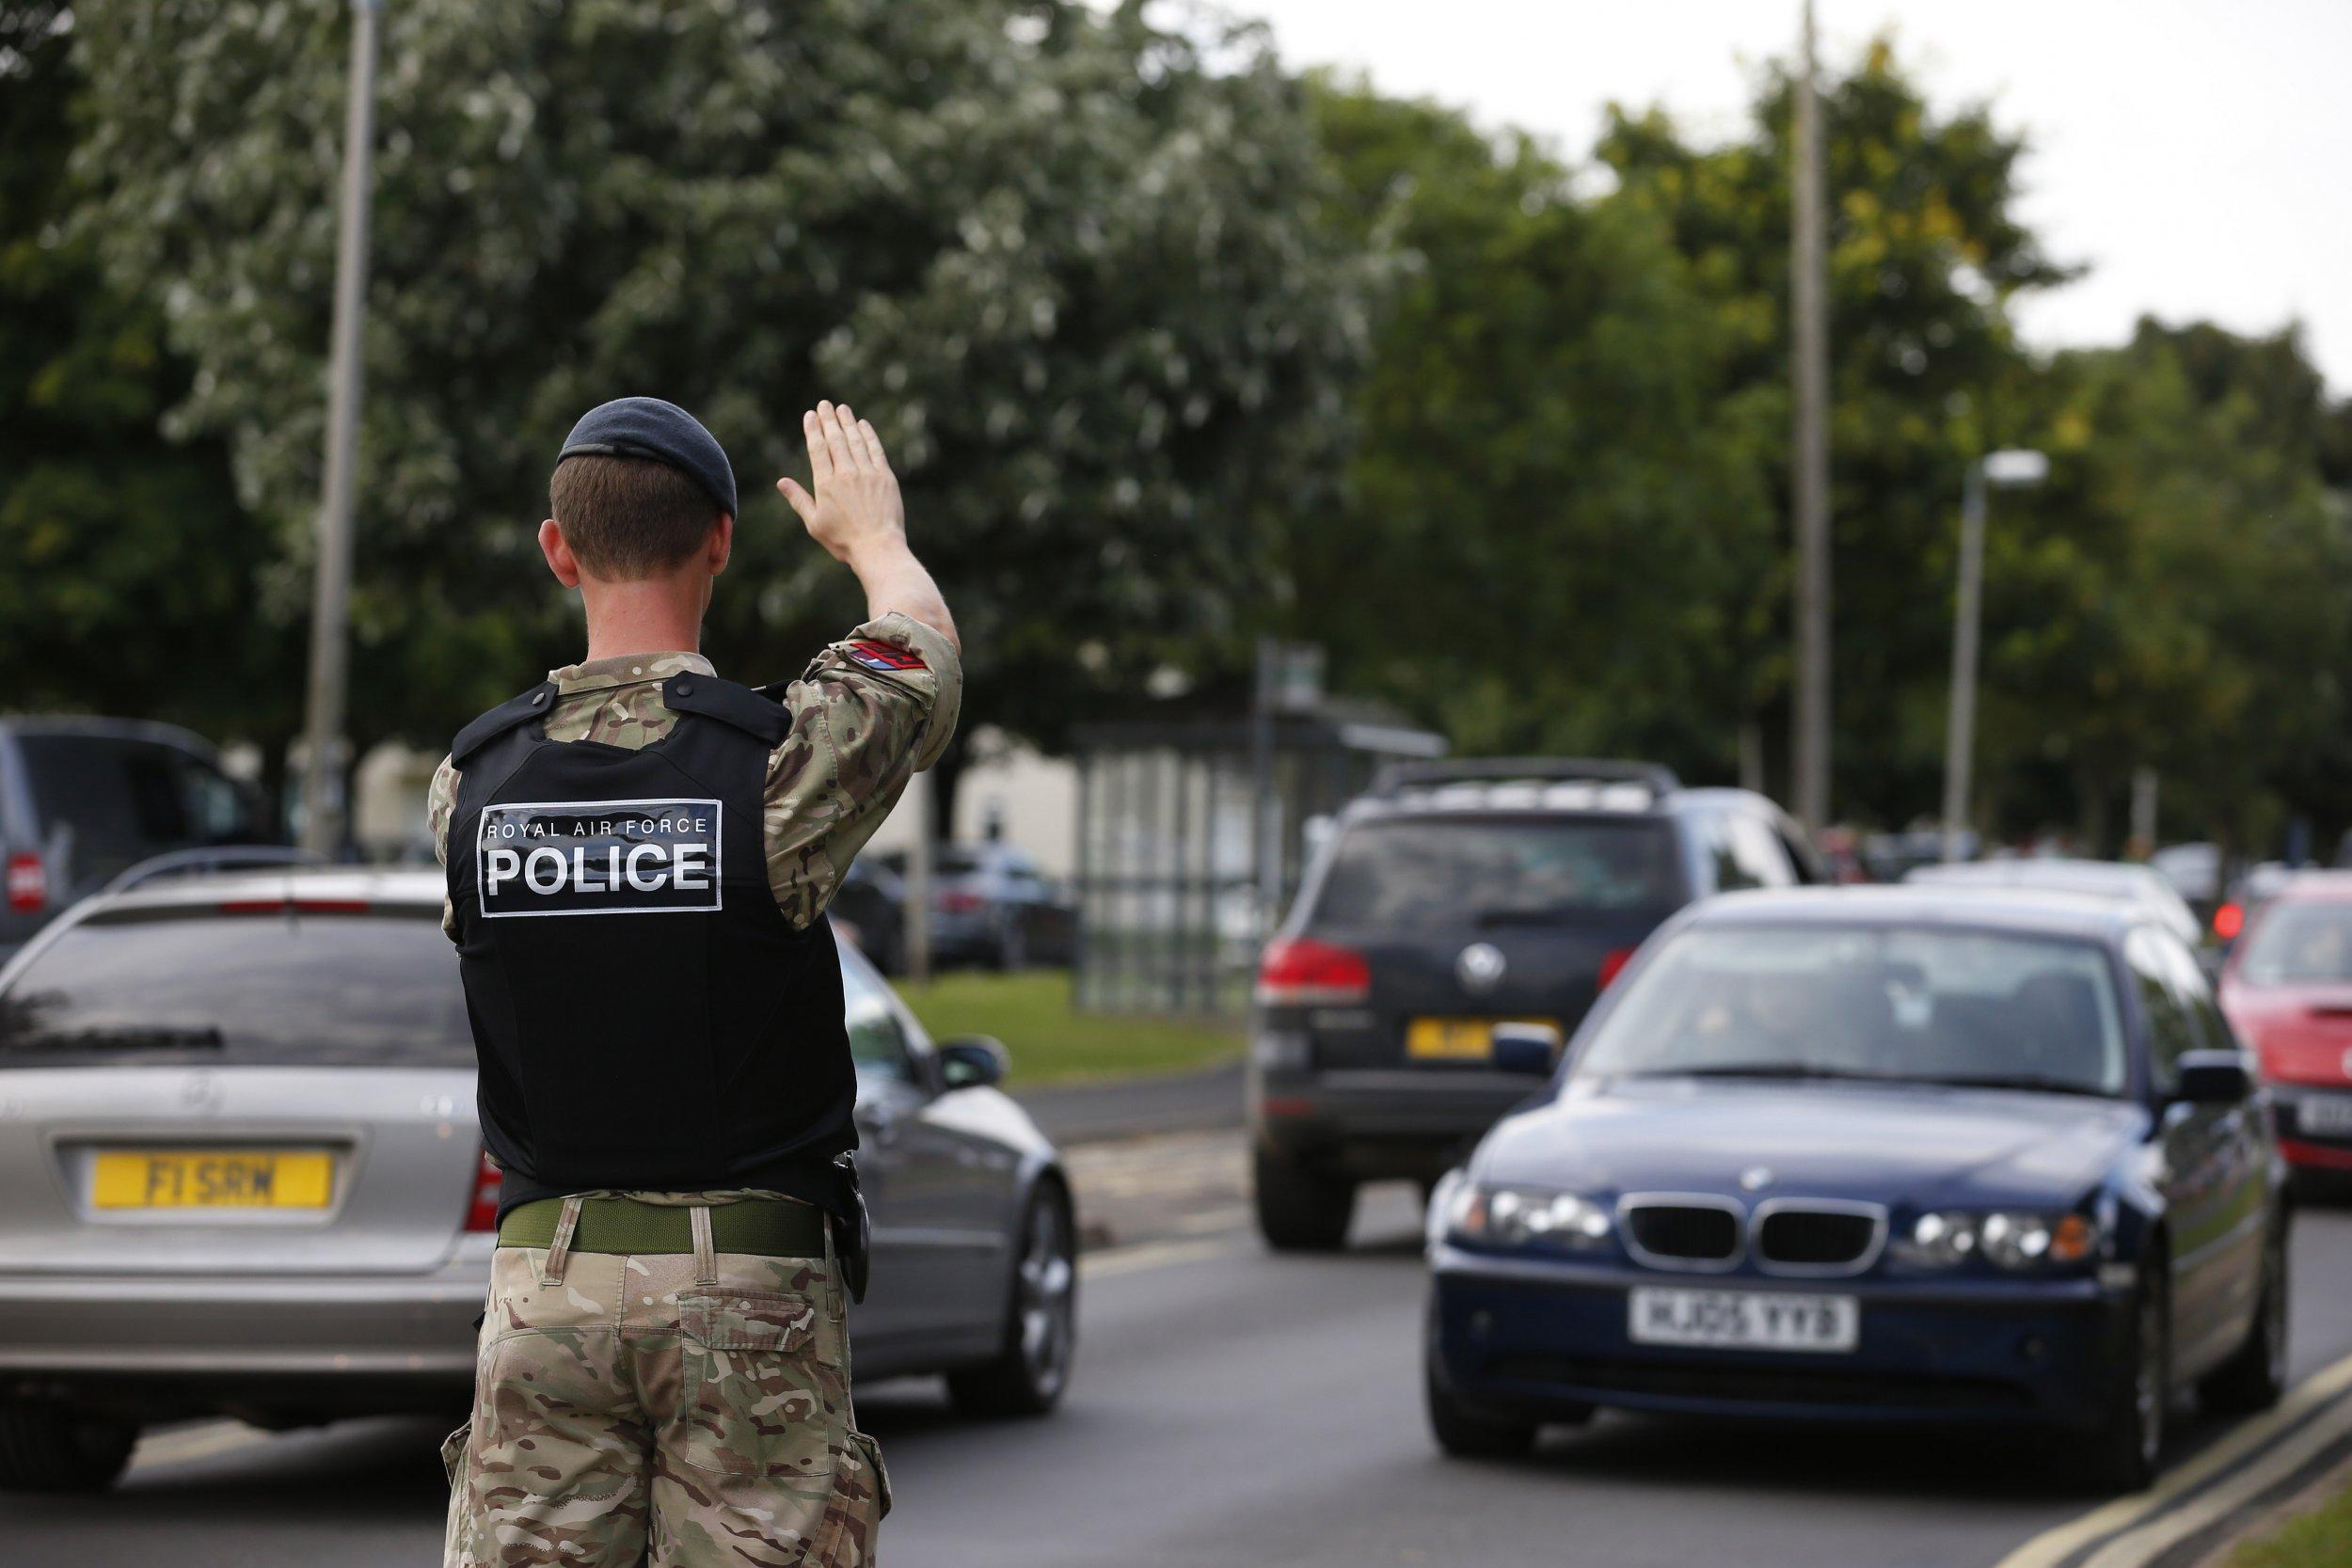 RAF Marham Attackers 'Seen Speeding Through Village' A